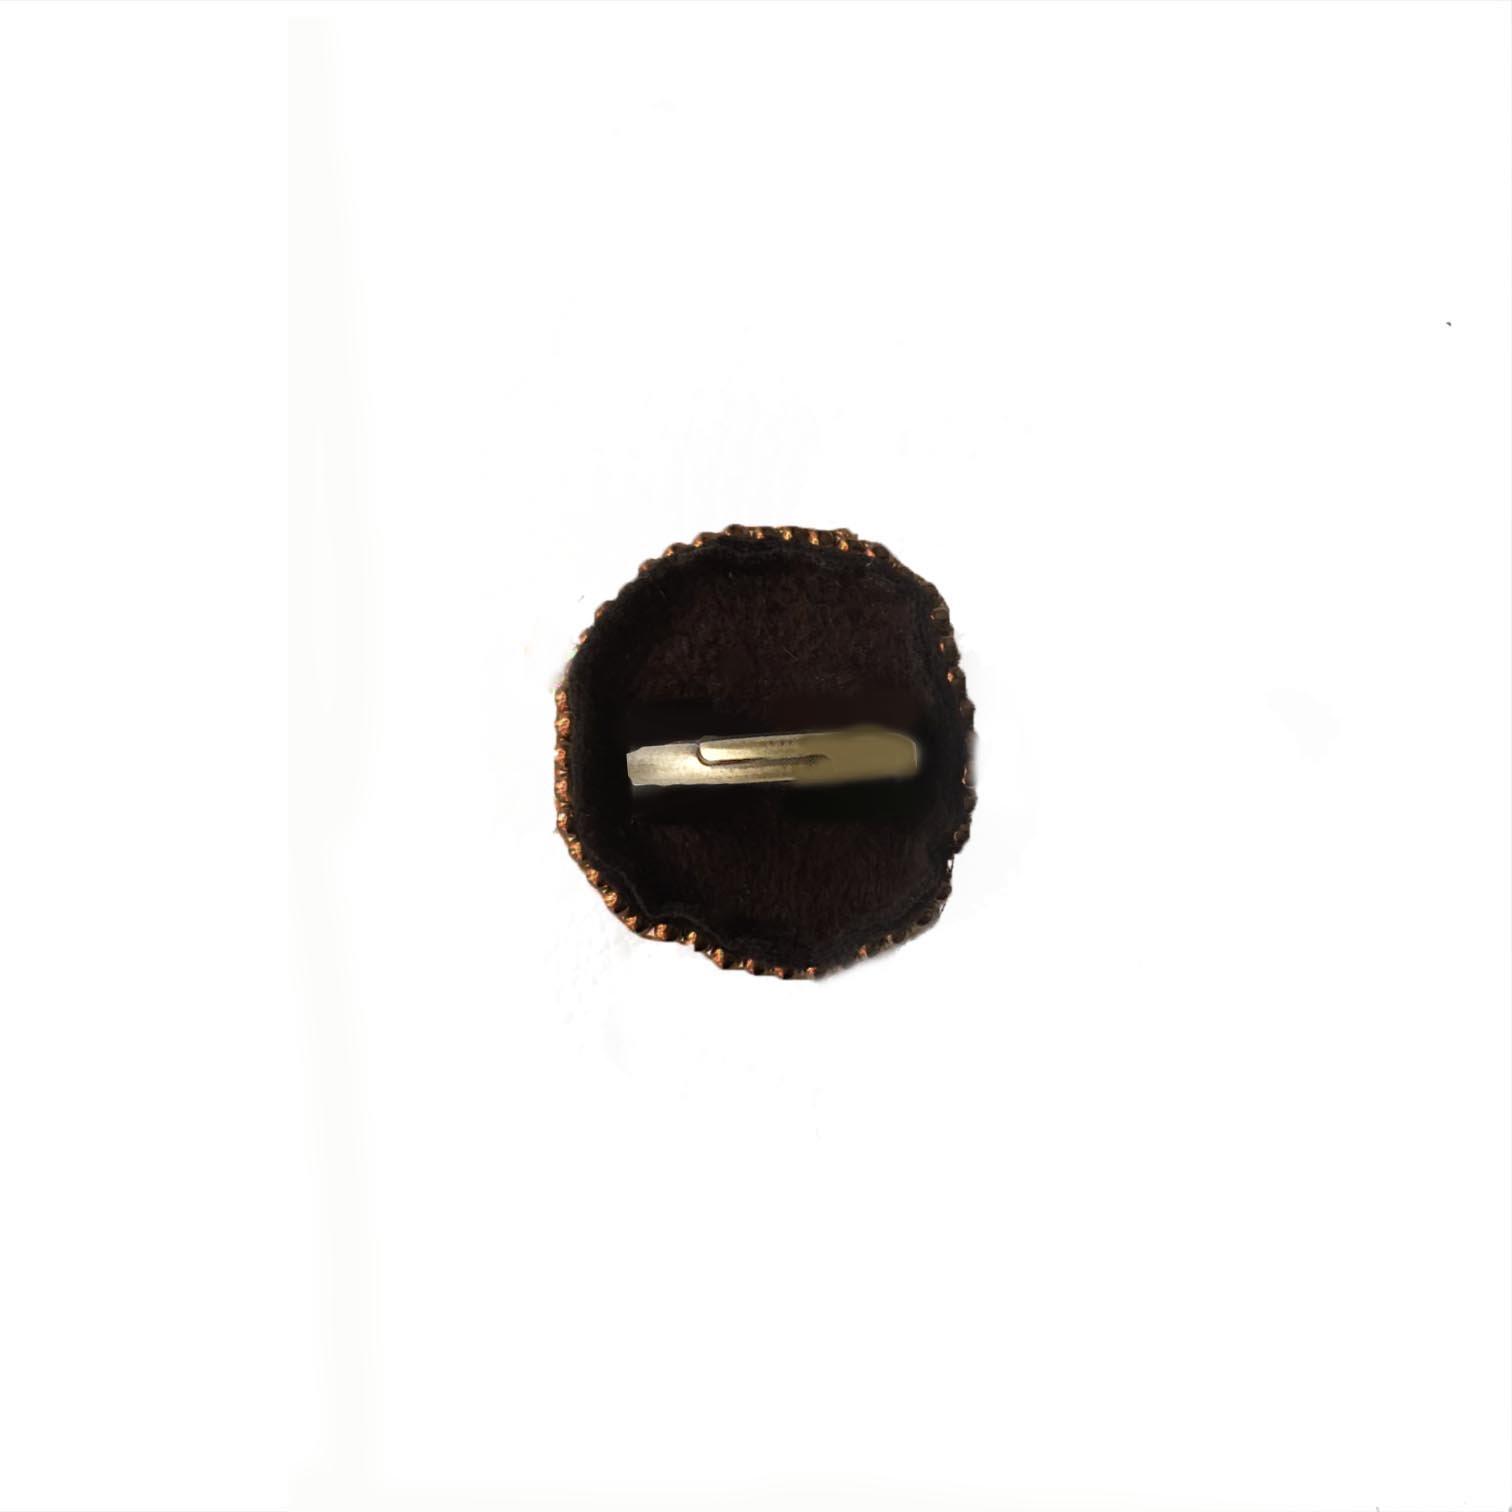 アバロンシェル ビーズ刺繍リング  大ぶり シェル 天然石 ビーズ リング(指輪)